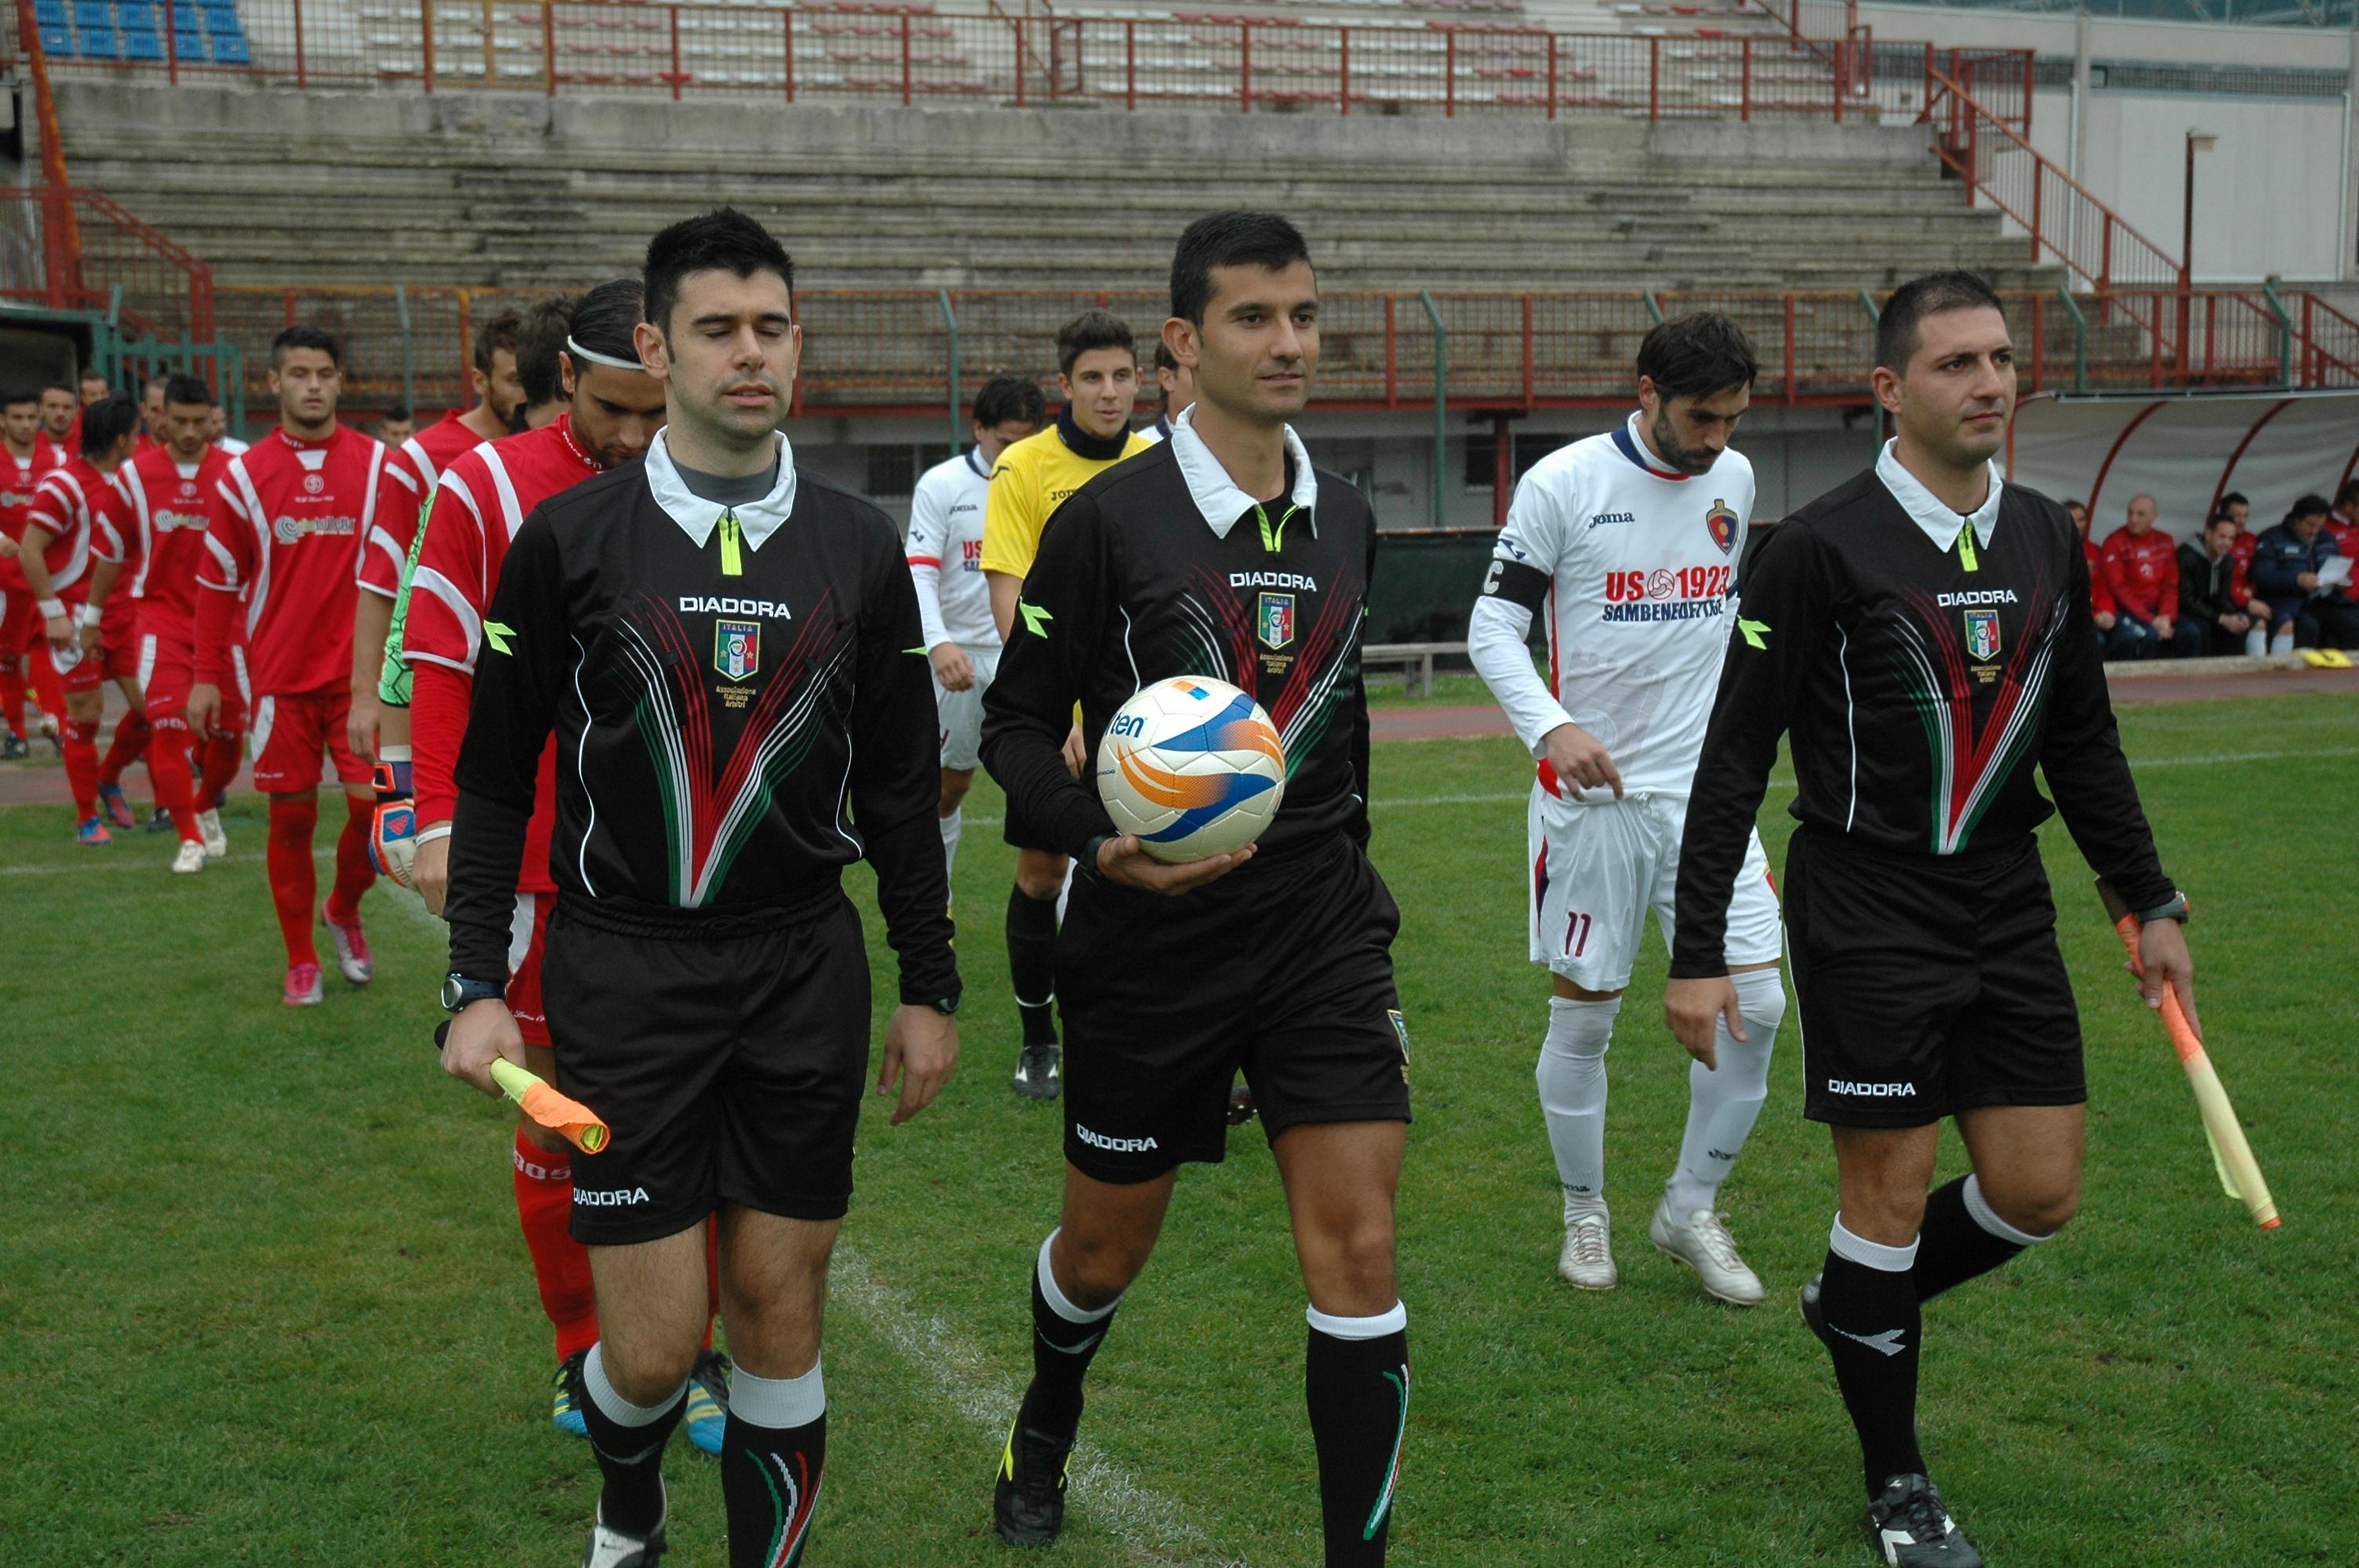 Samb-Ancona, ingresso in campo della contestata terna arbitrale (GIAMMUSSO)